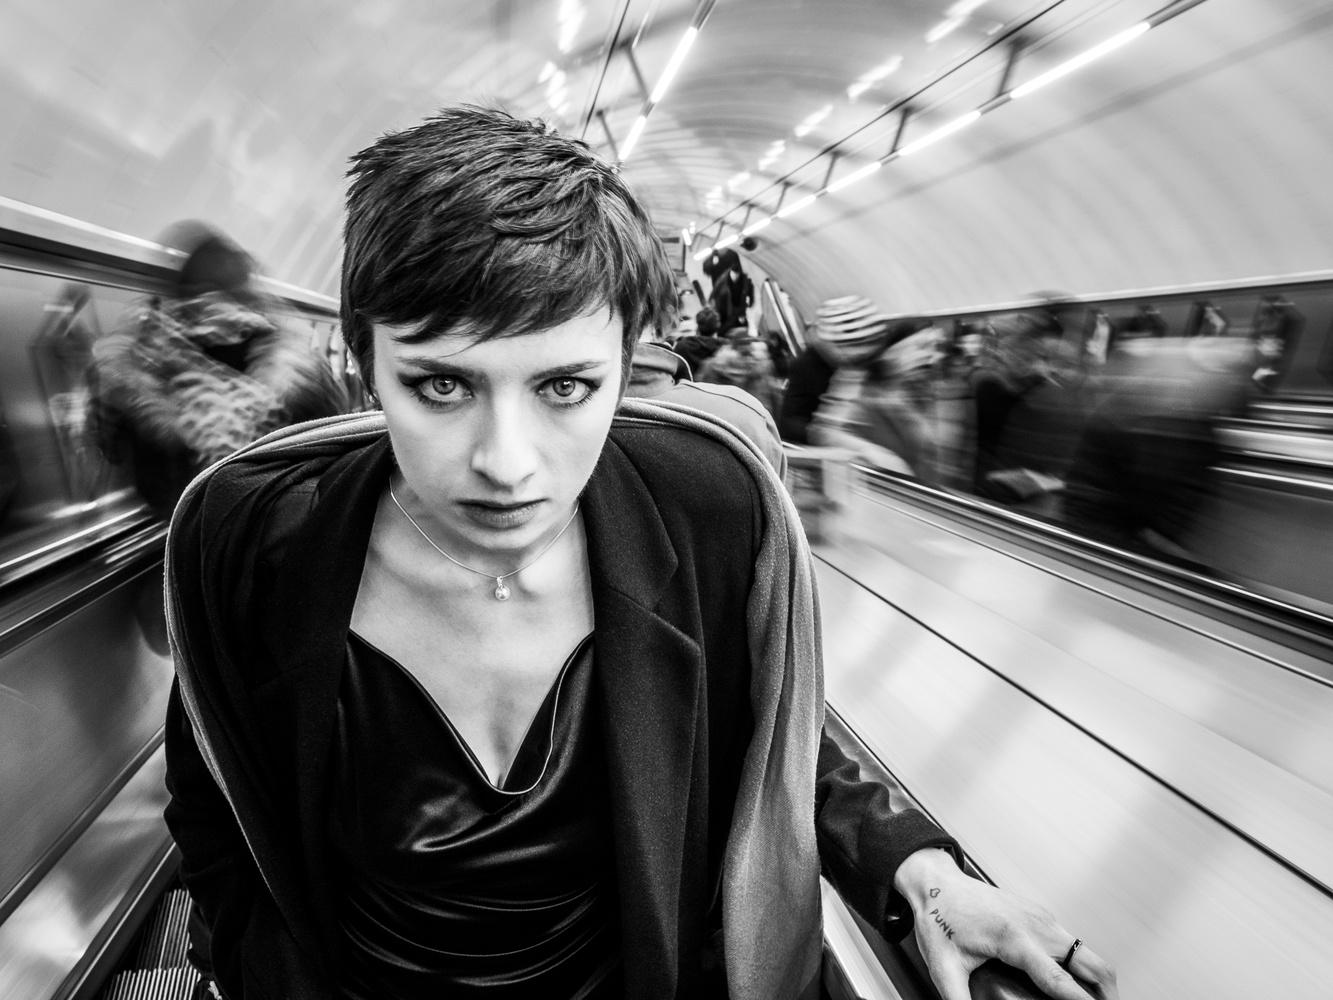 In the London crowd by Tomasz Kowalski